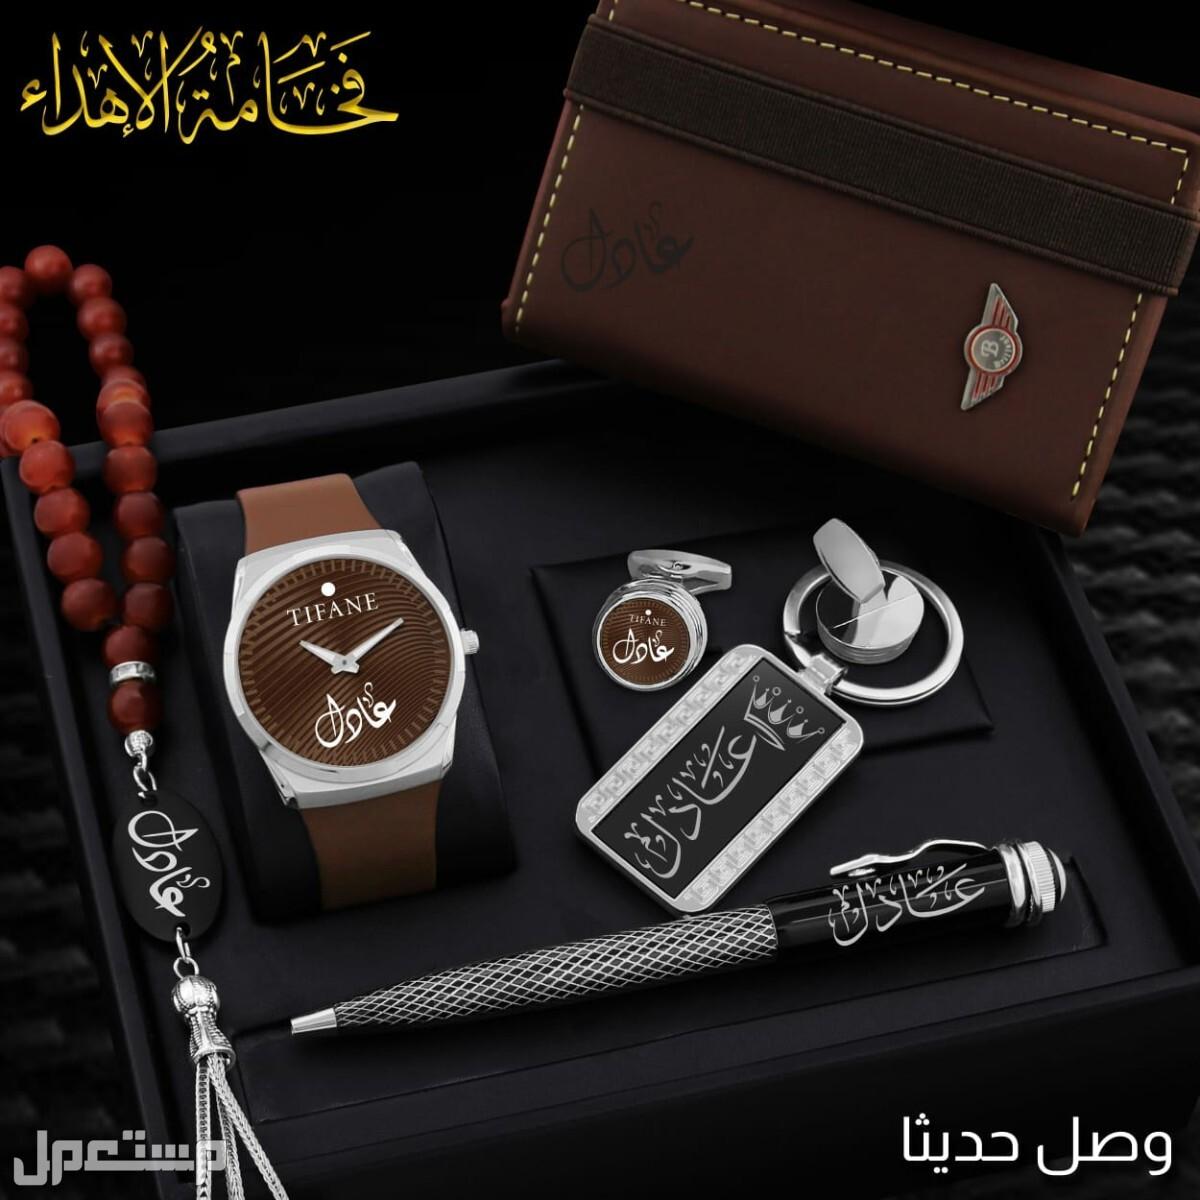 ساعة رجالية بالاسم مع هدايا وملحقات مميزه